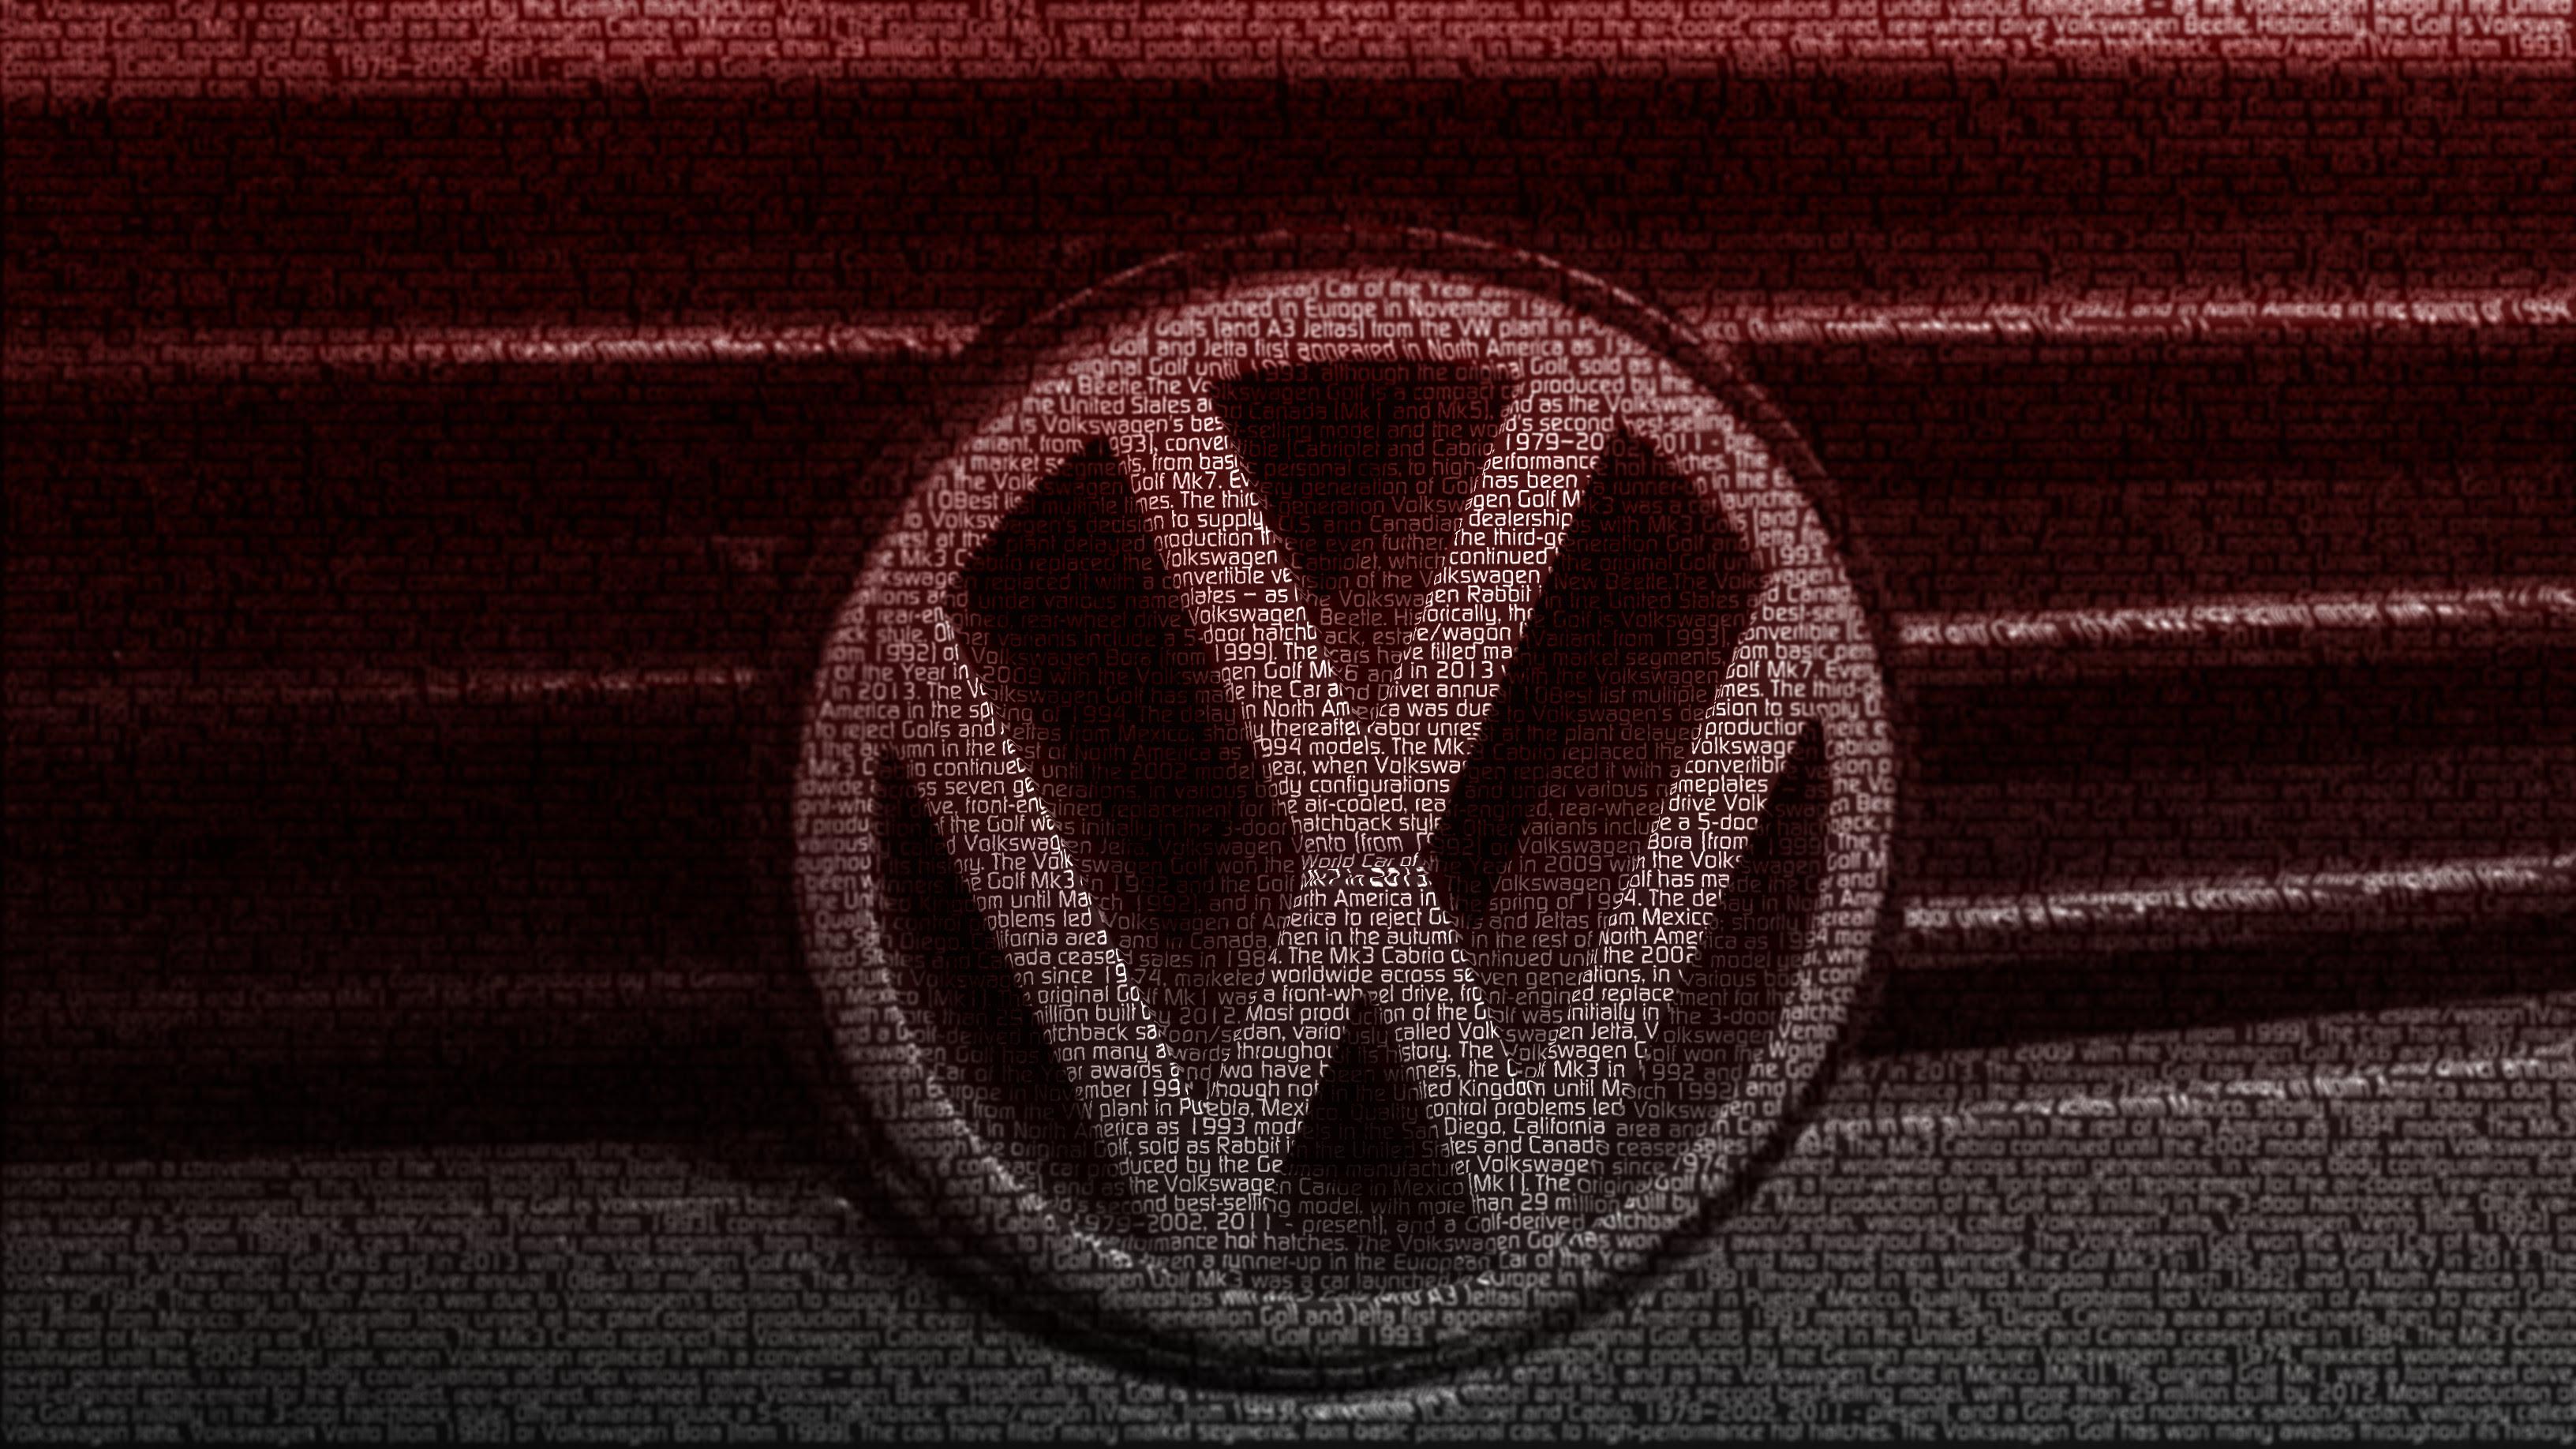 VW Wallpaper Screensavers (71+ images)